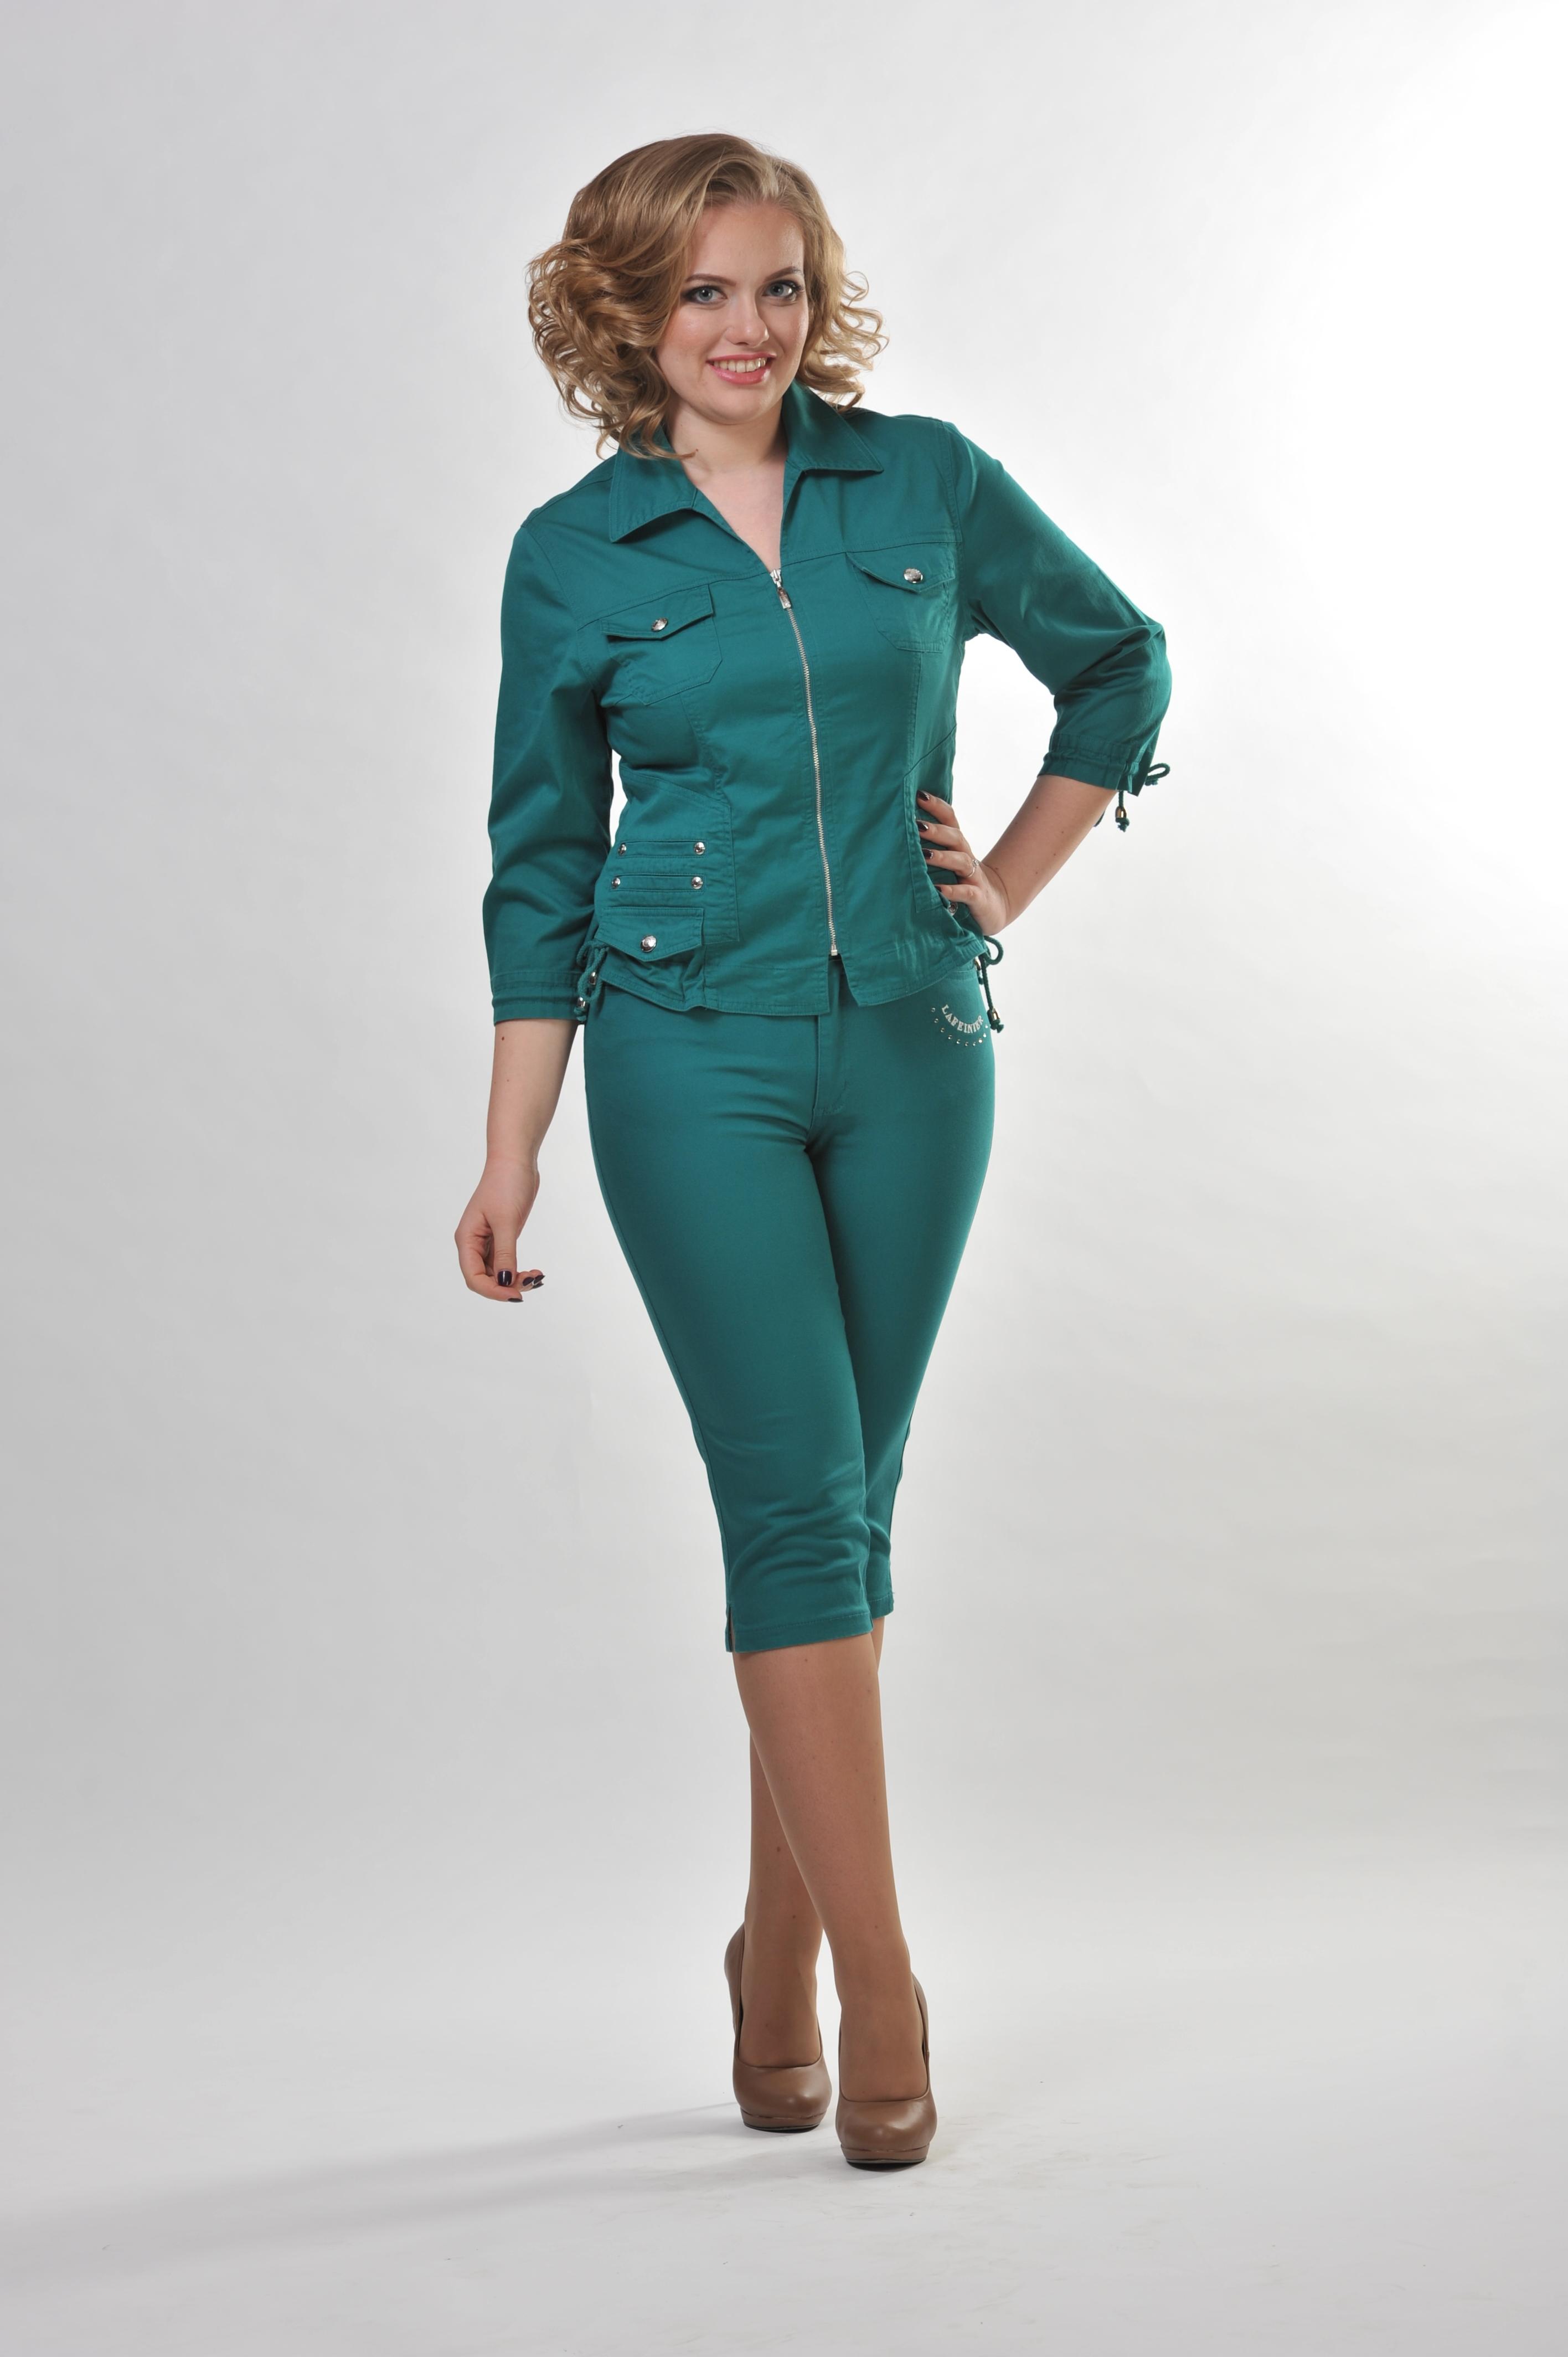 Сбор заказов . Красивейшие, качественные джинсовые костюмы, брюки, бриджи, платья, юбки от производителя LAFEI-NIER-2